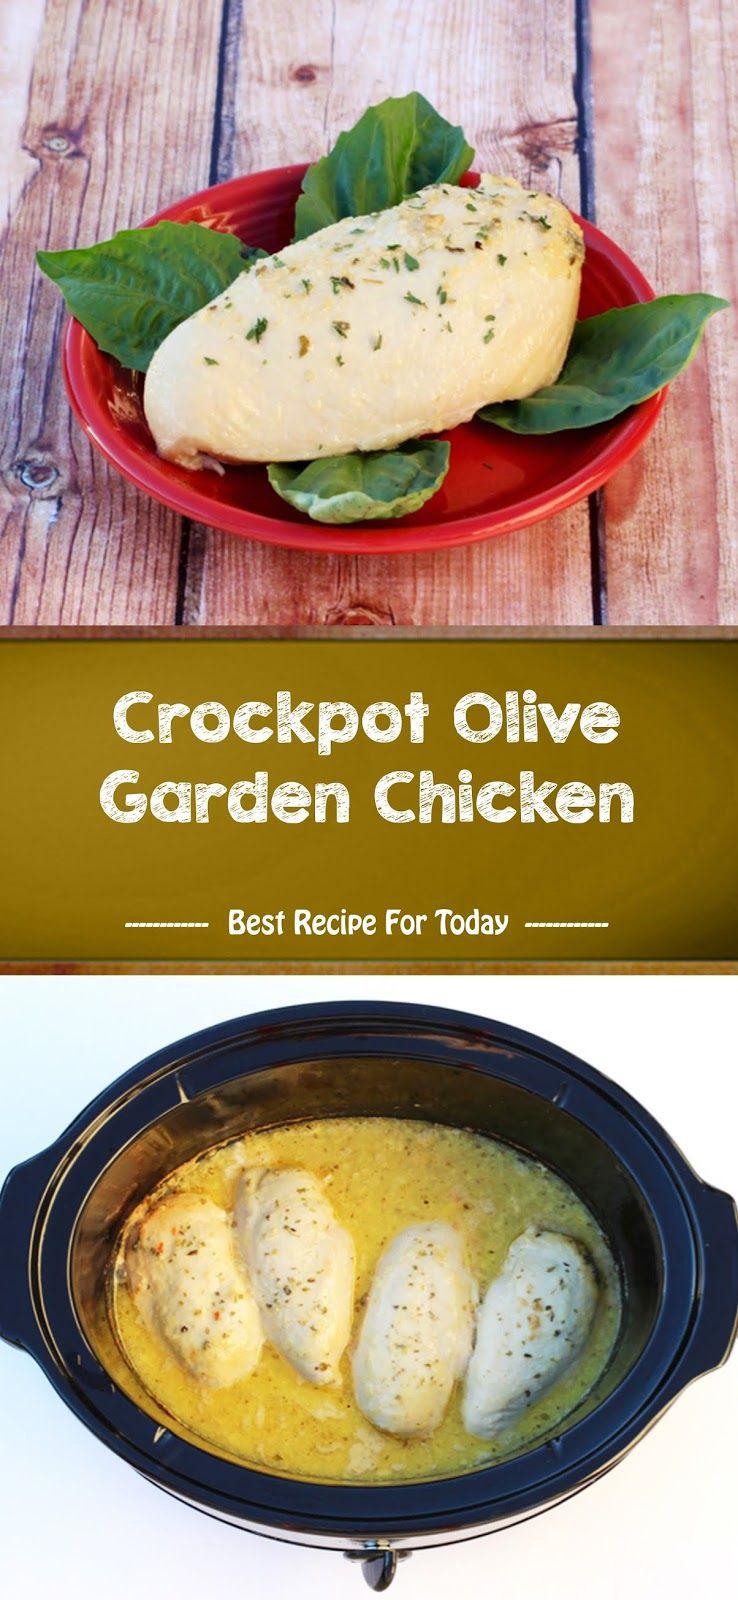 Crockpot Olive Garden Chicken in 2020 Chicken crockpot